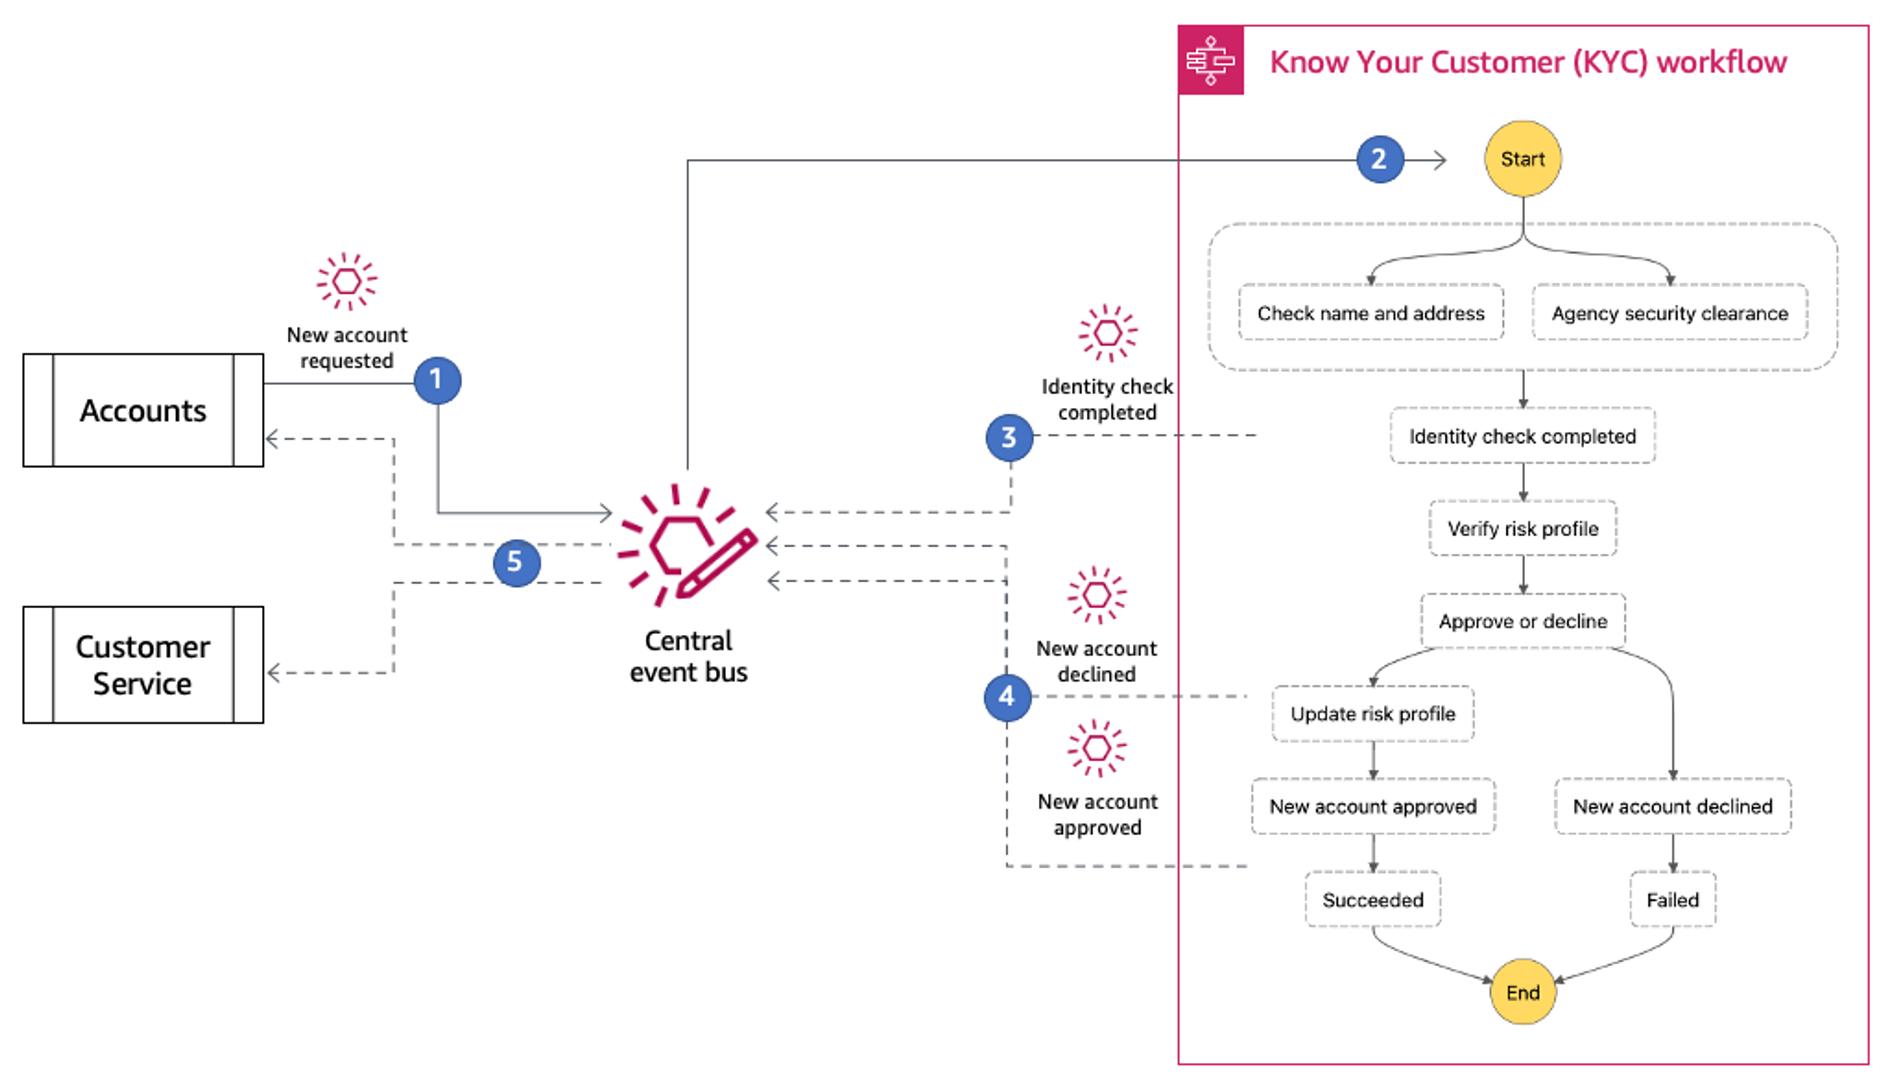 Know You Customer (KYC) workflow